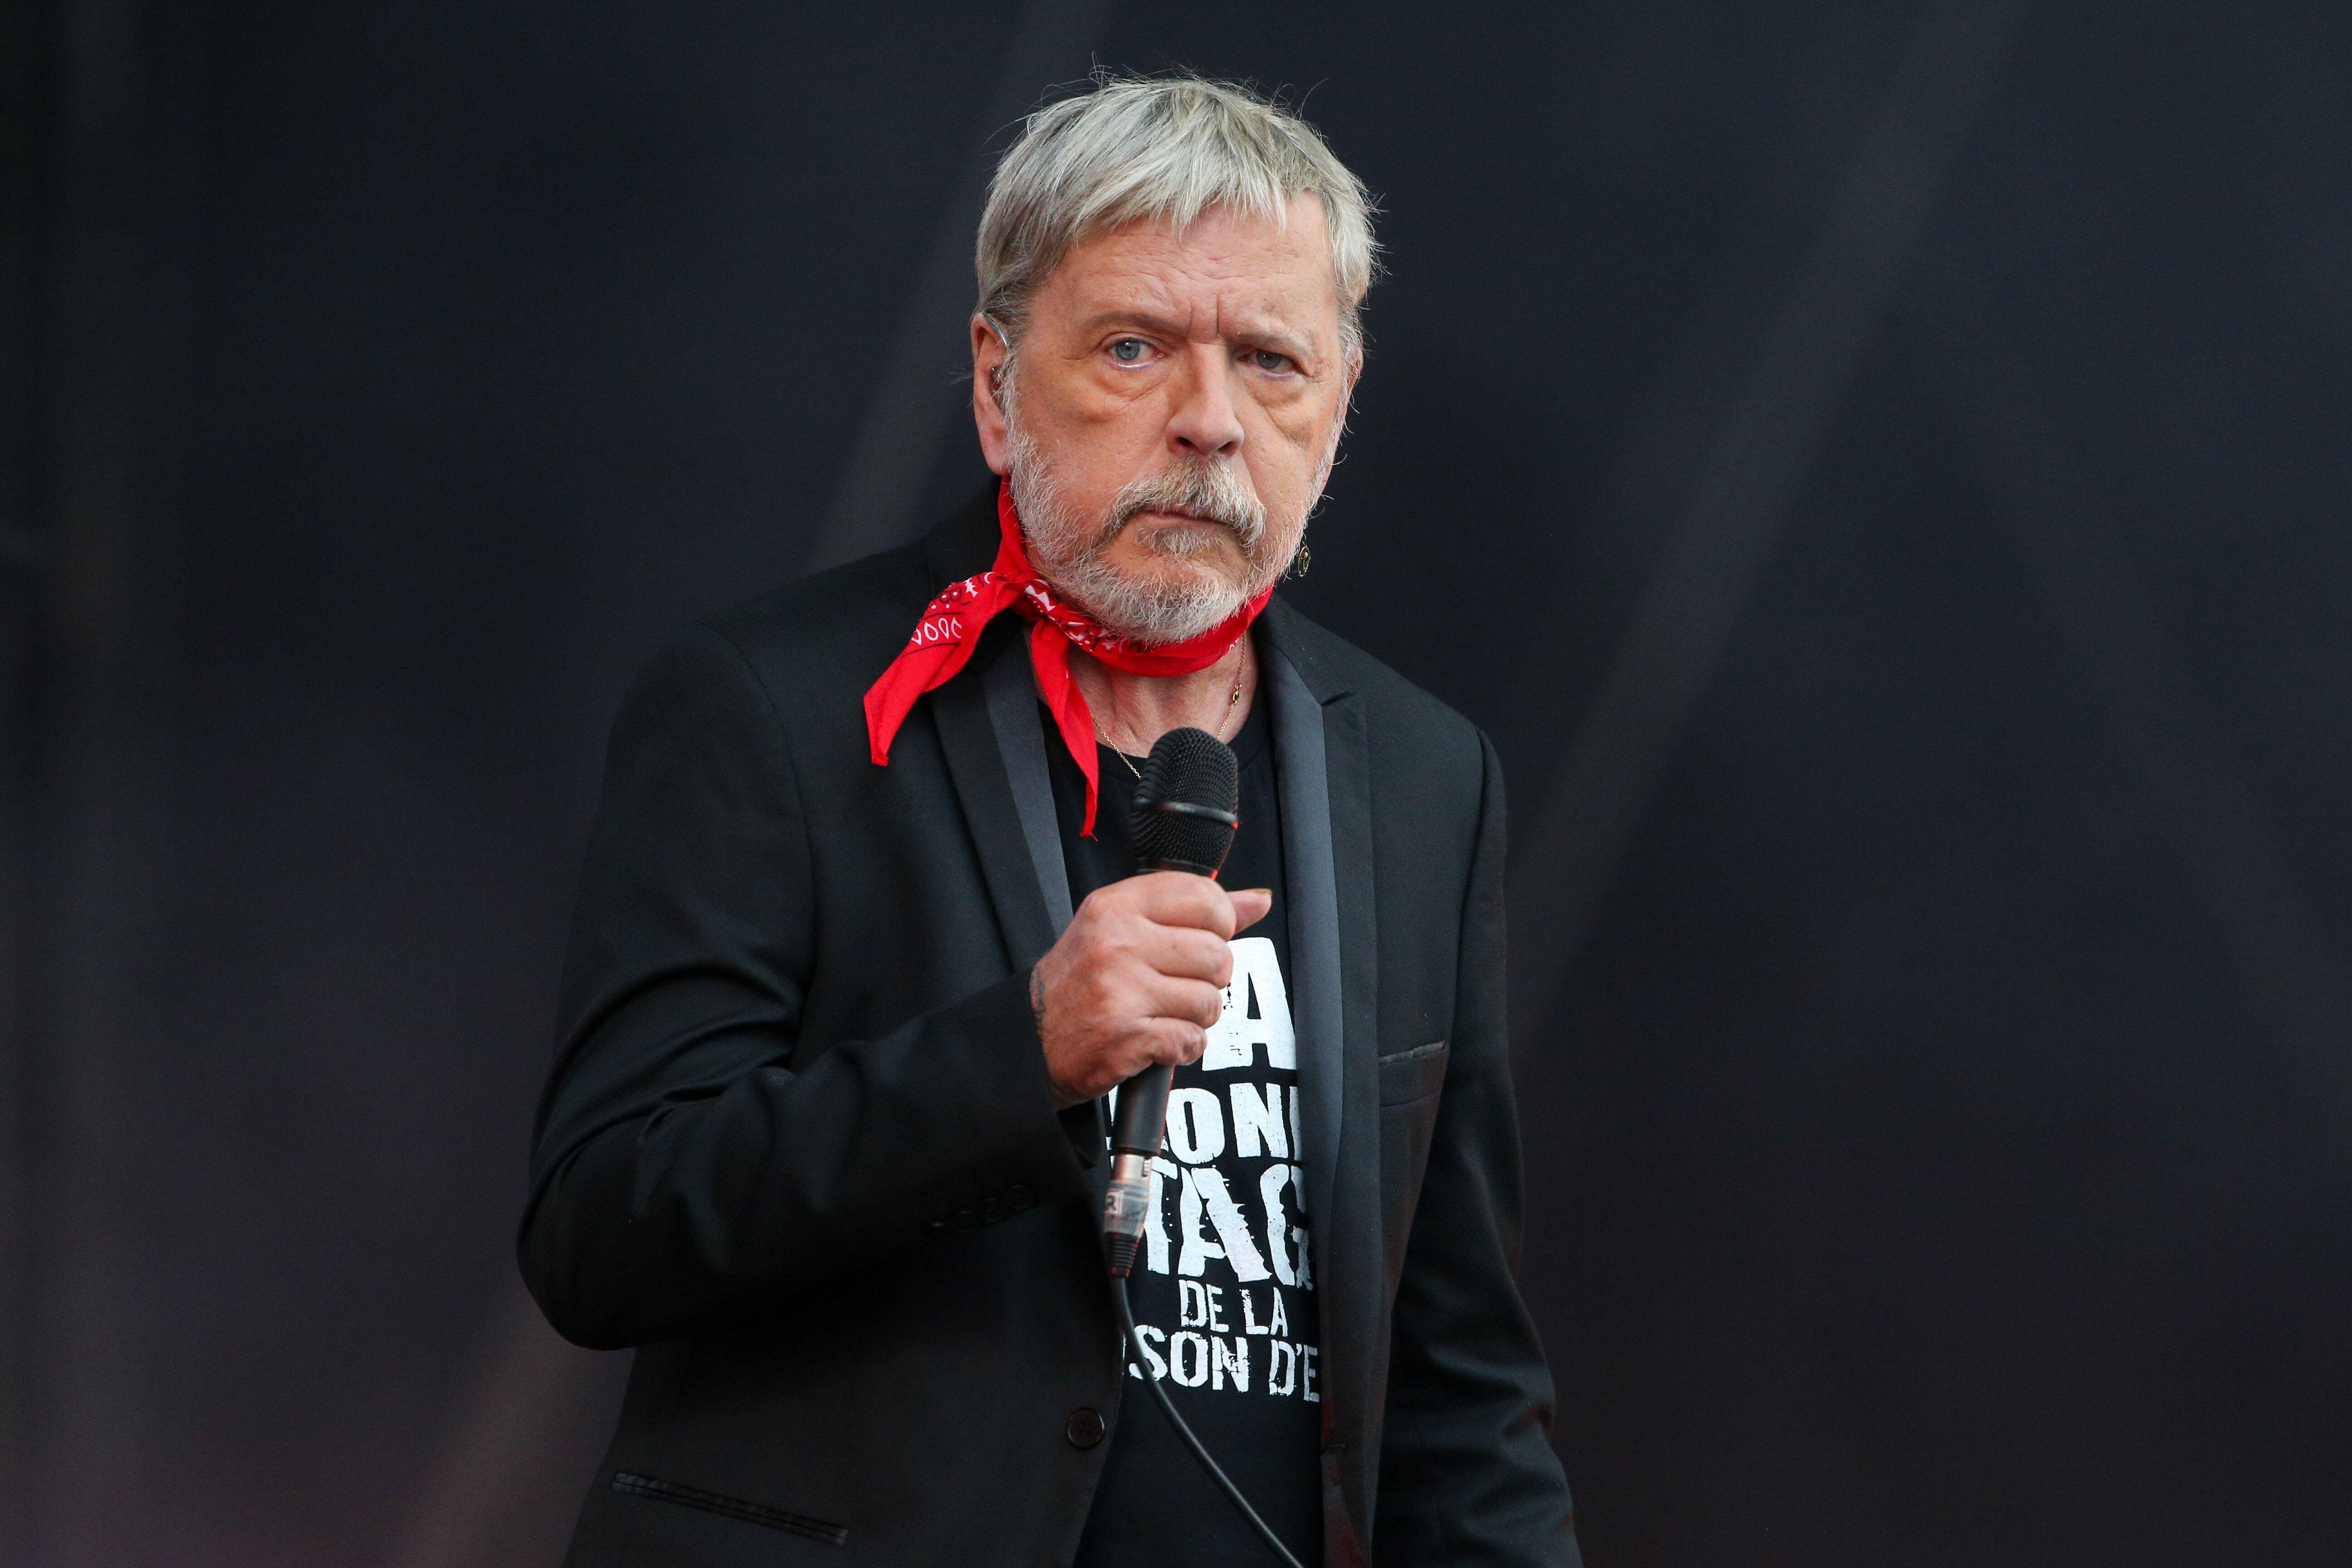 Renaud sur scène le 17 septembre 2017 à la